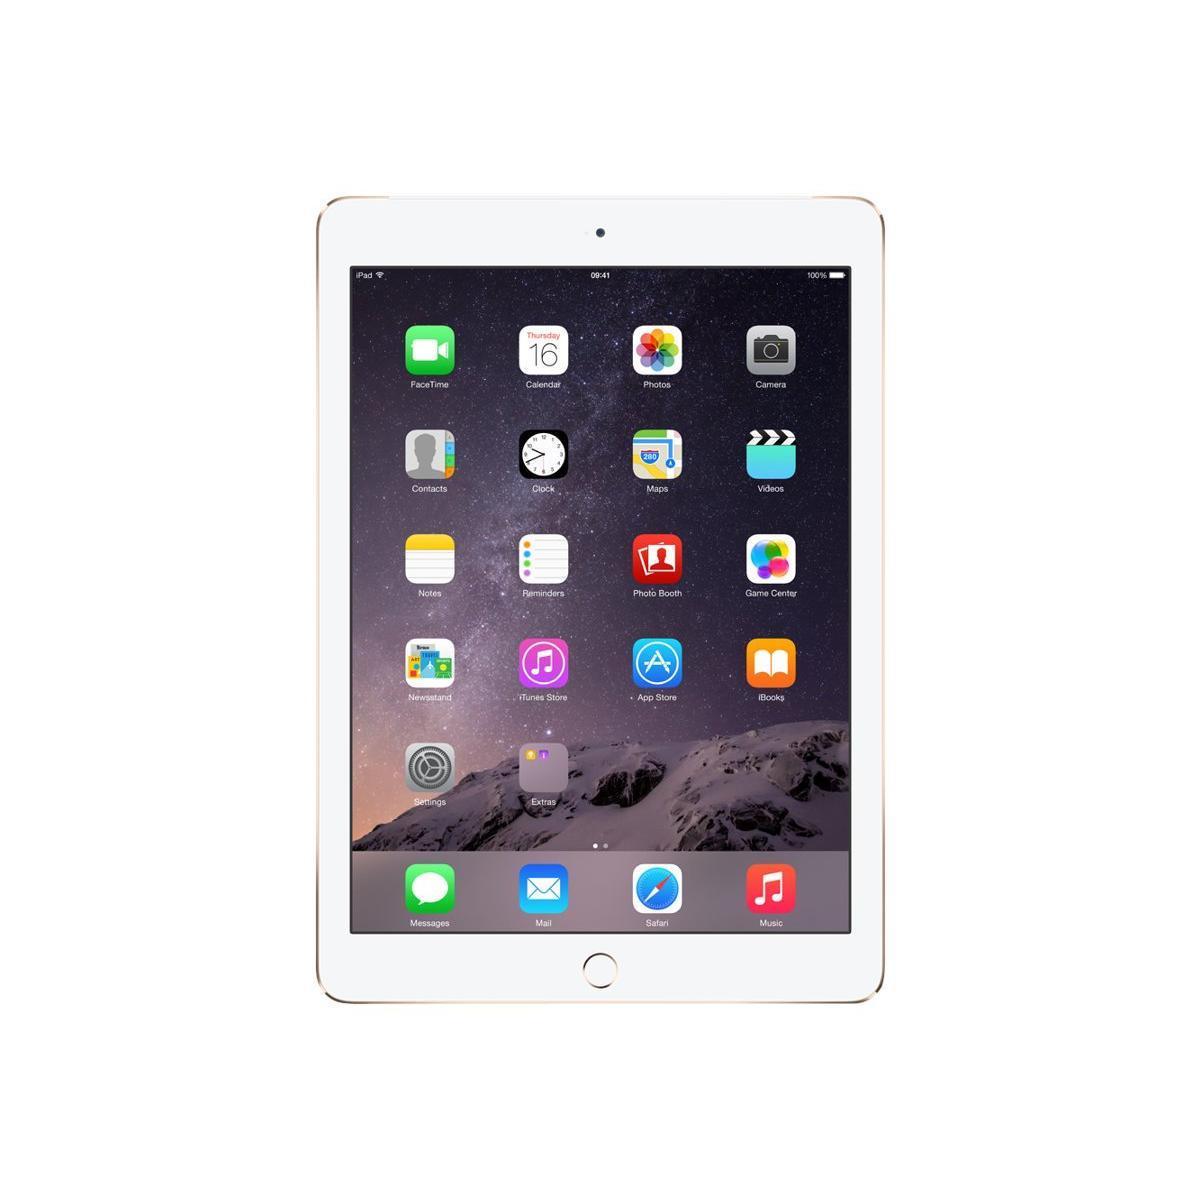 iPad Air 2 (2014) - WiFi + 4G